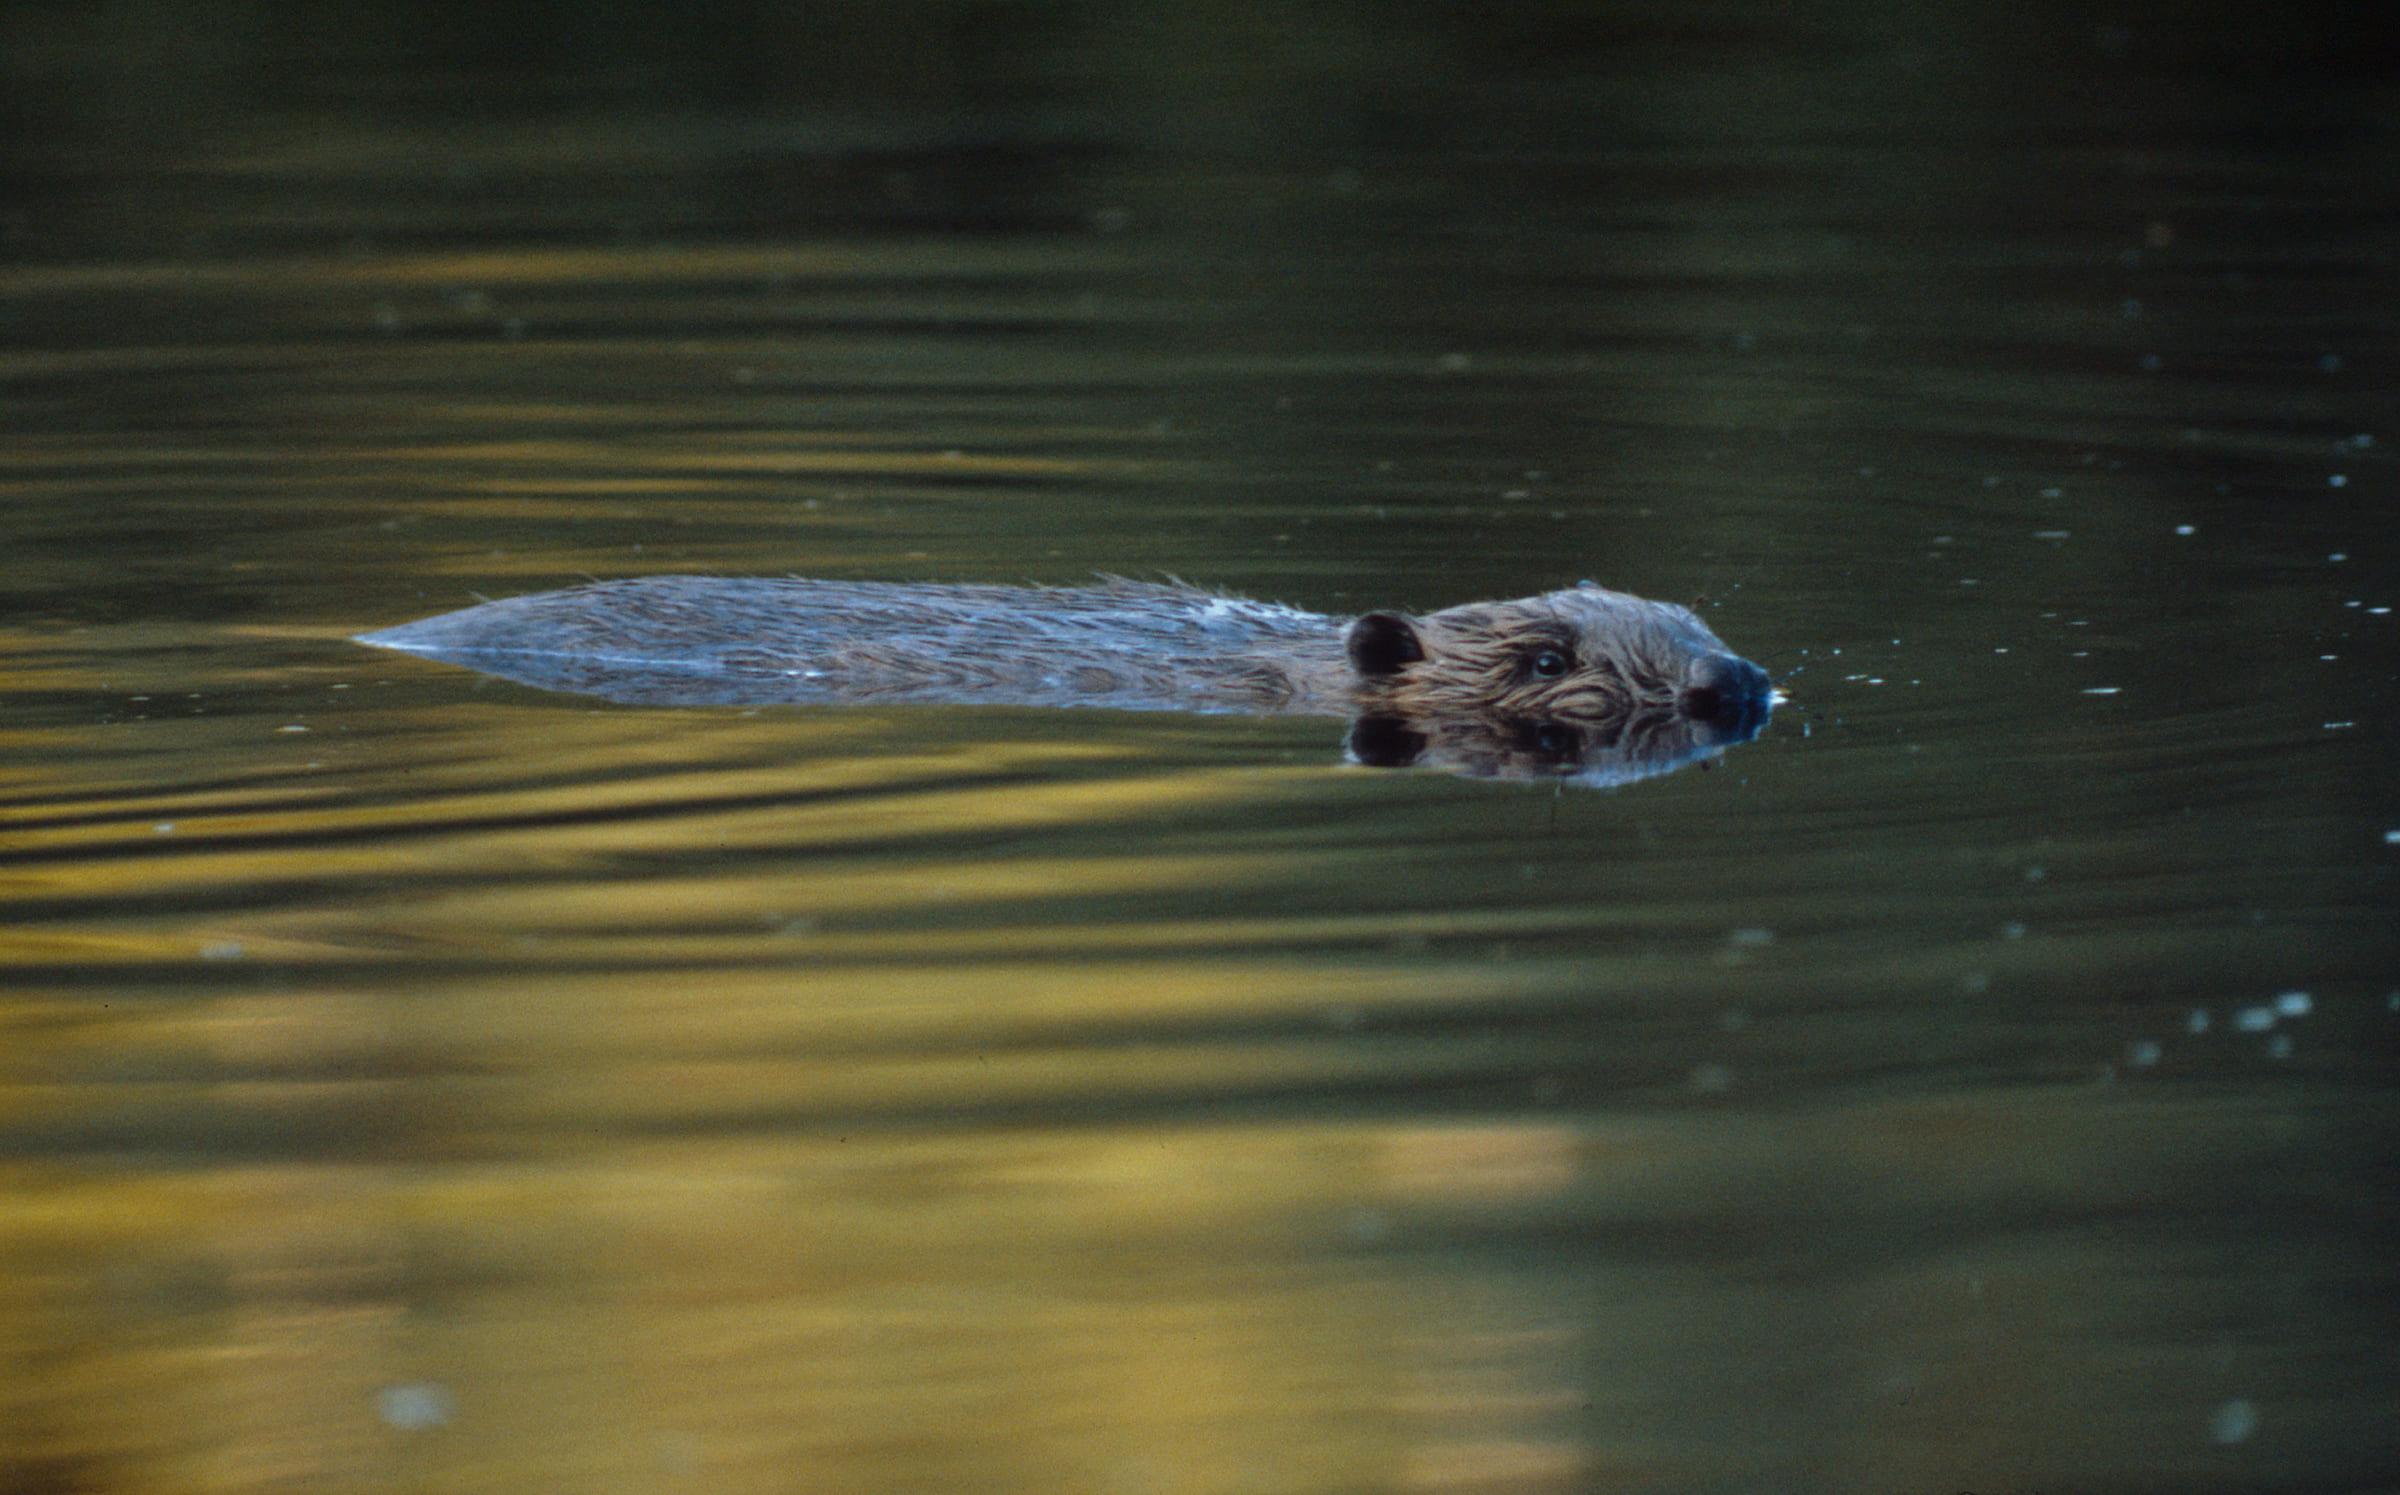 Un castoro che nuota